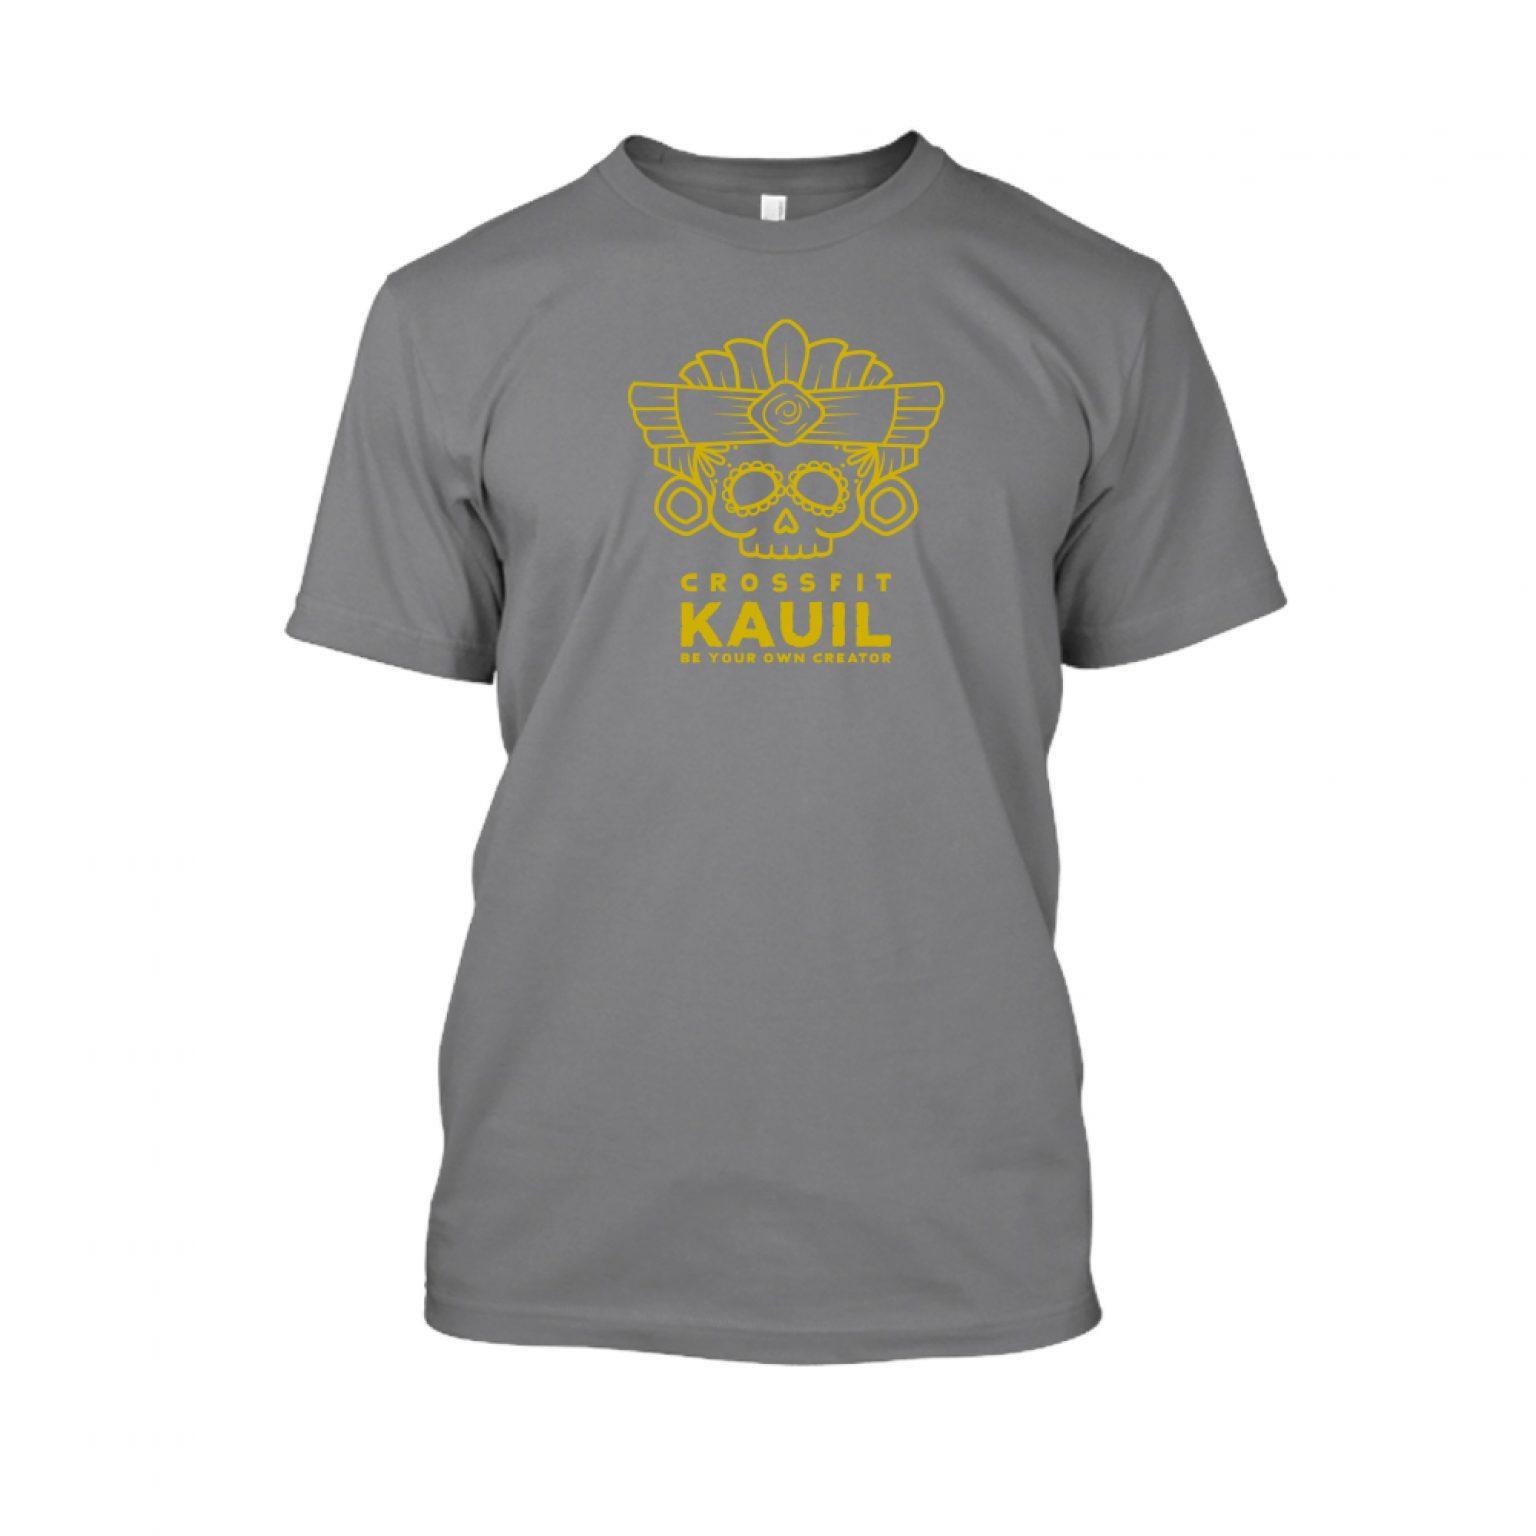 Herren Shirt HeatherDarkGrey1 gold front